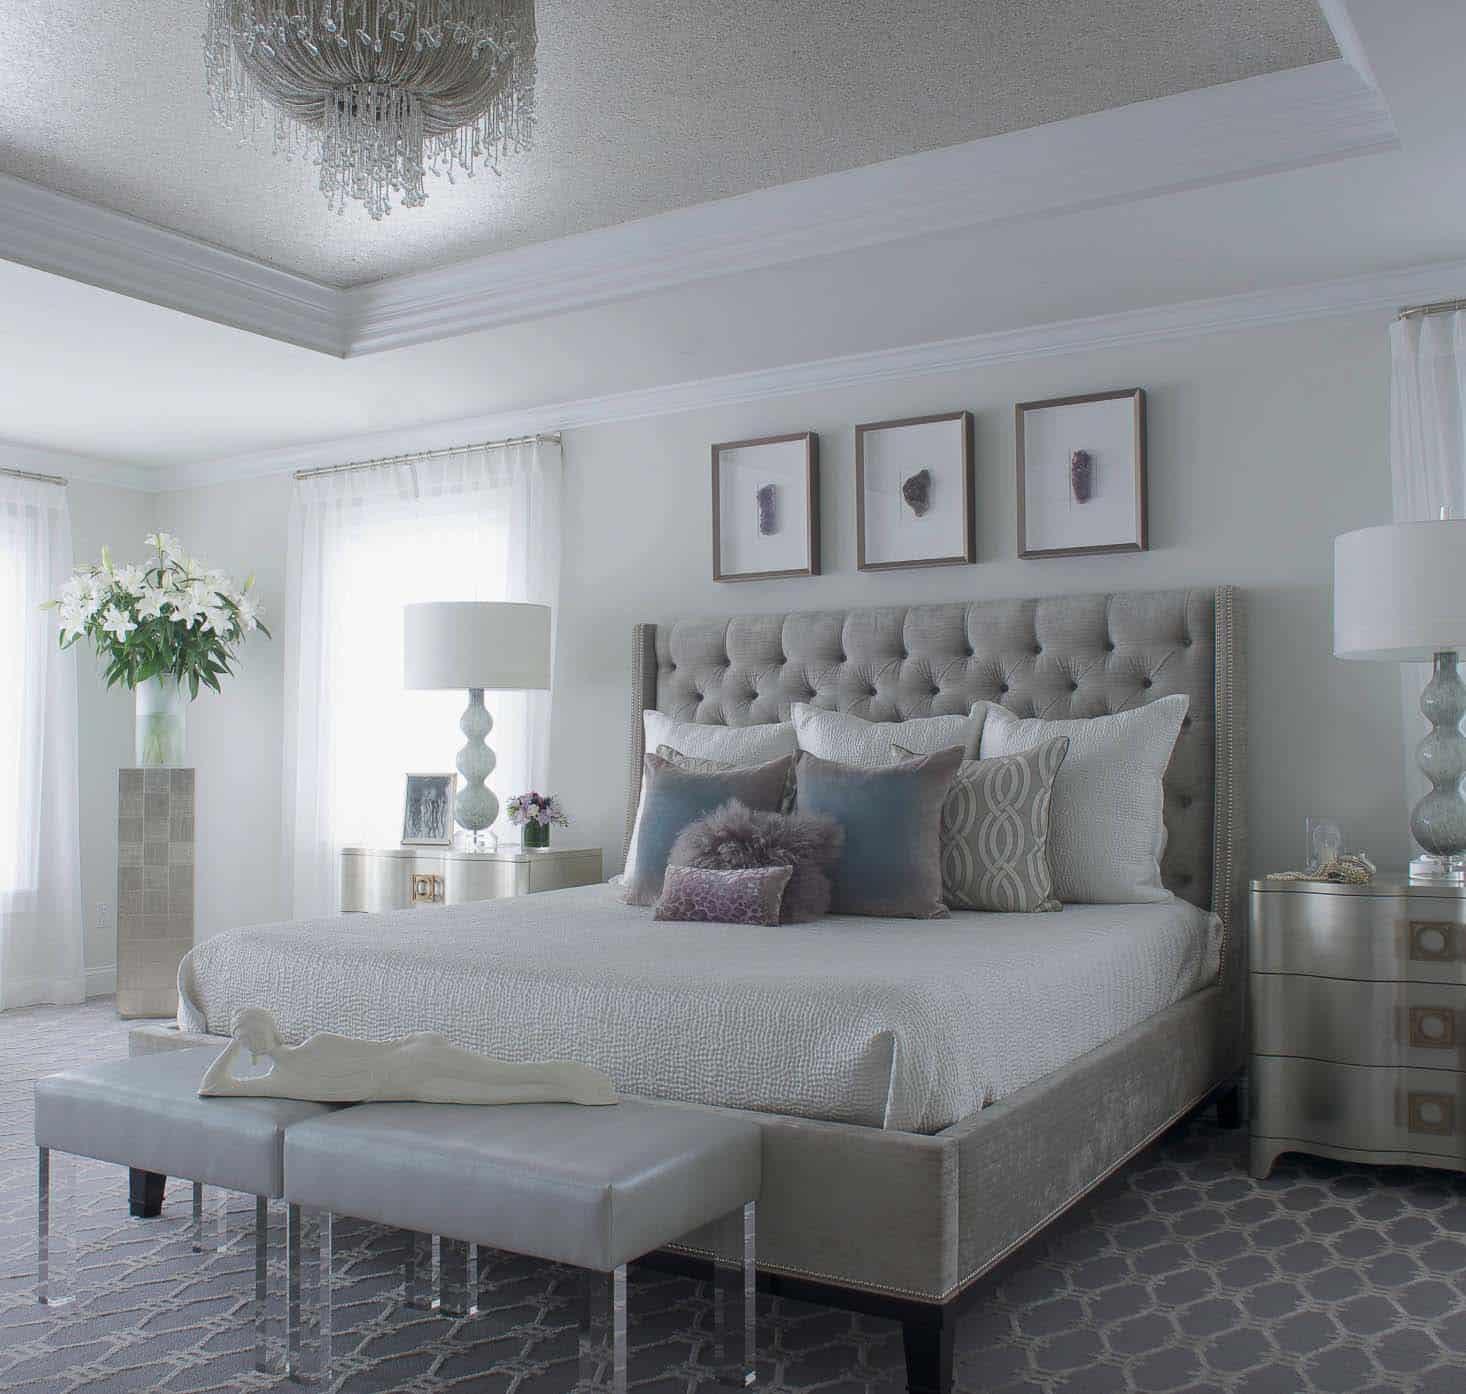 20+ Serene And Elegant Master Bedroom Decorating Ideas on Master Bedroom Curtains  id=87472